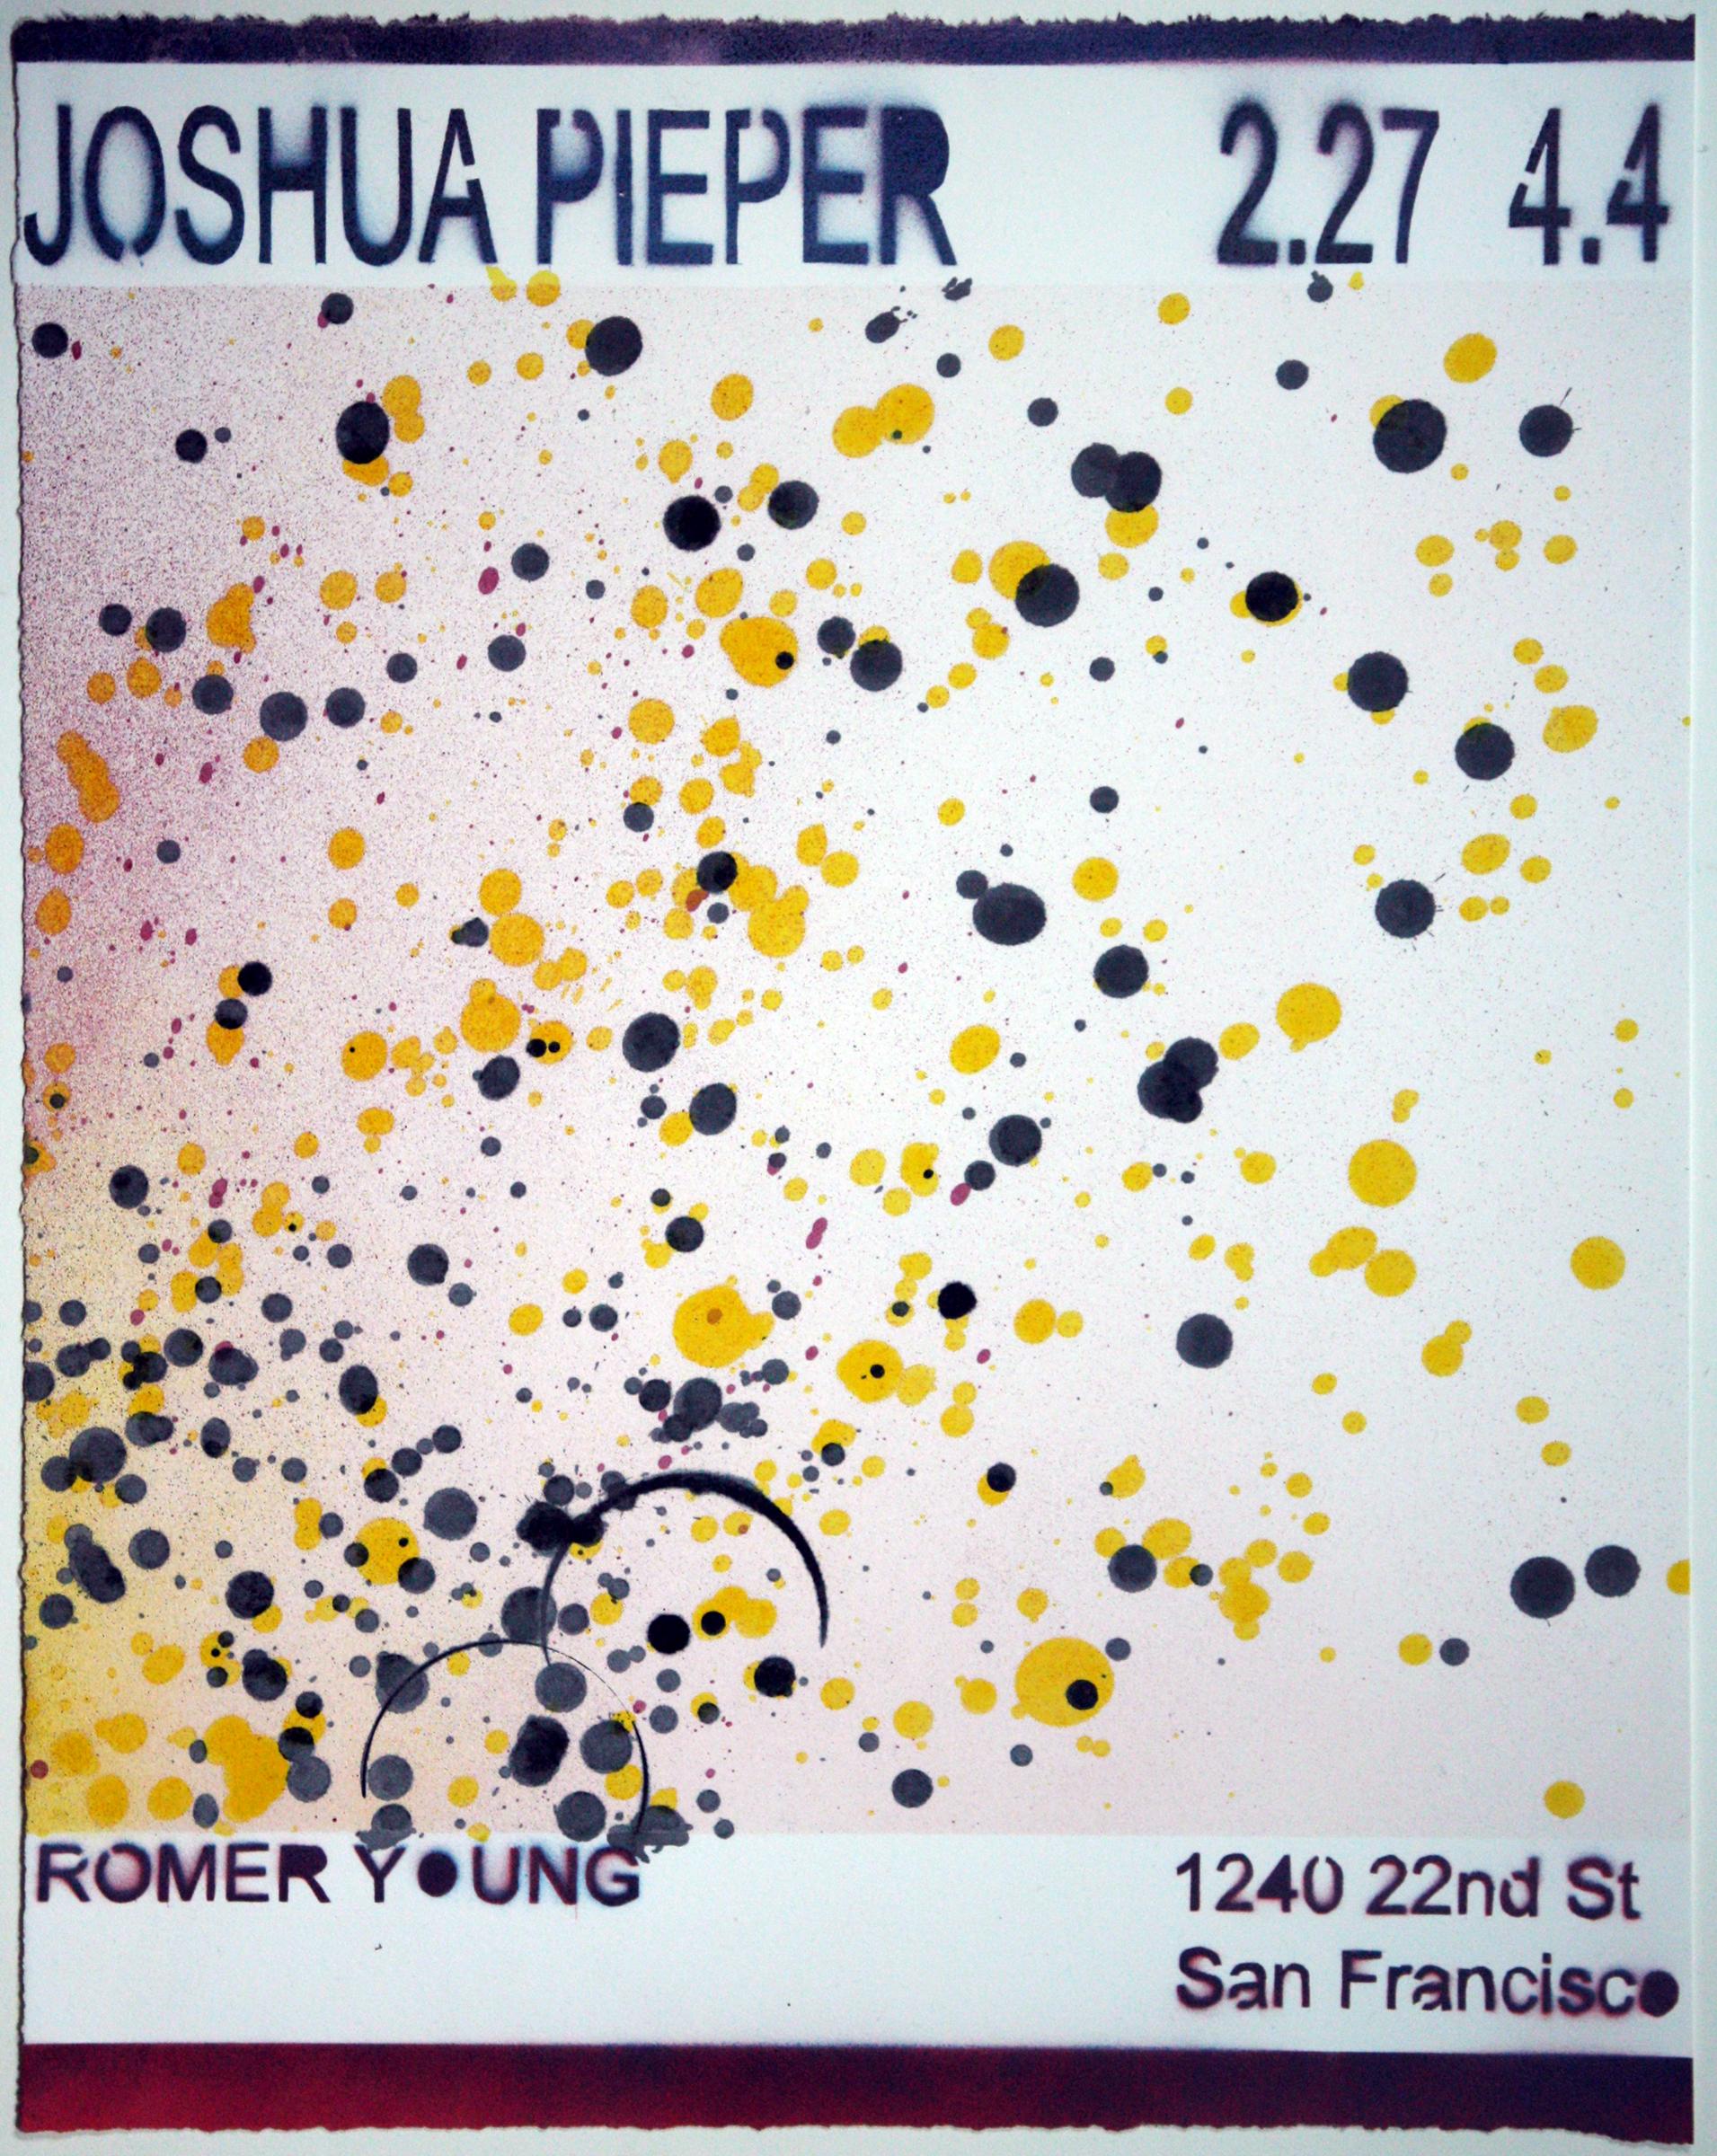 """JOSHUA PIEPER   Poster 9 , 2015, spray enamel on cotton rag with frame, 21"""" x 17"""""""